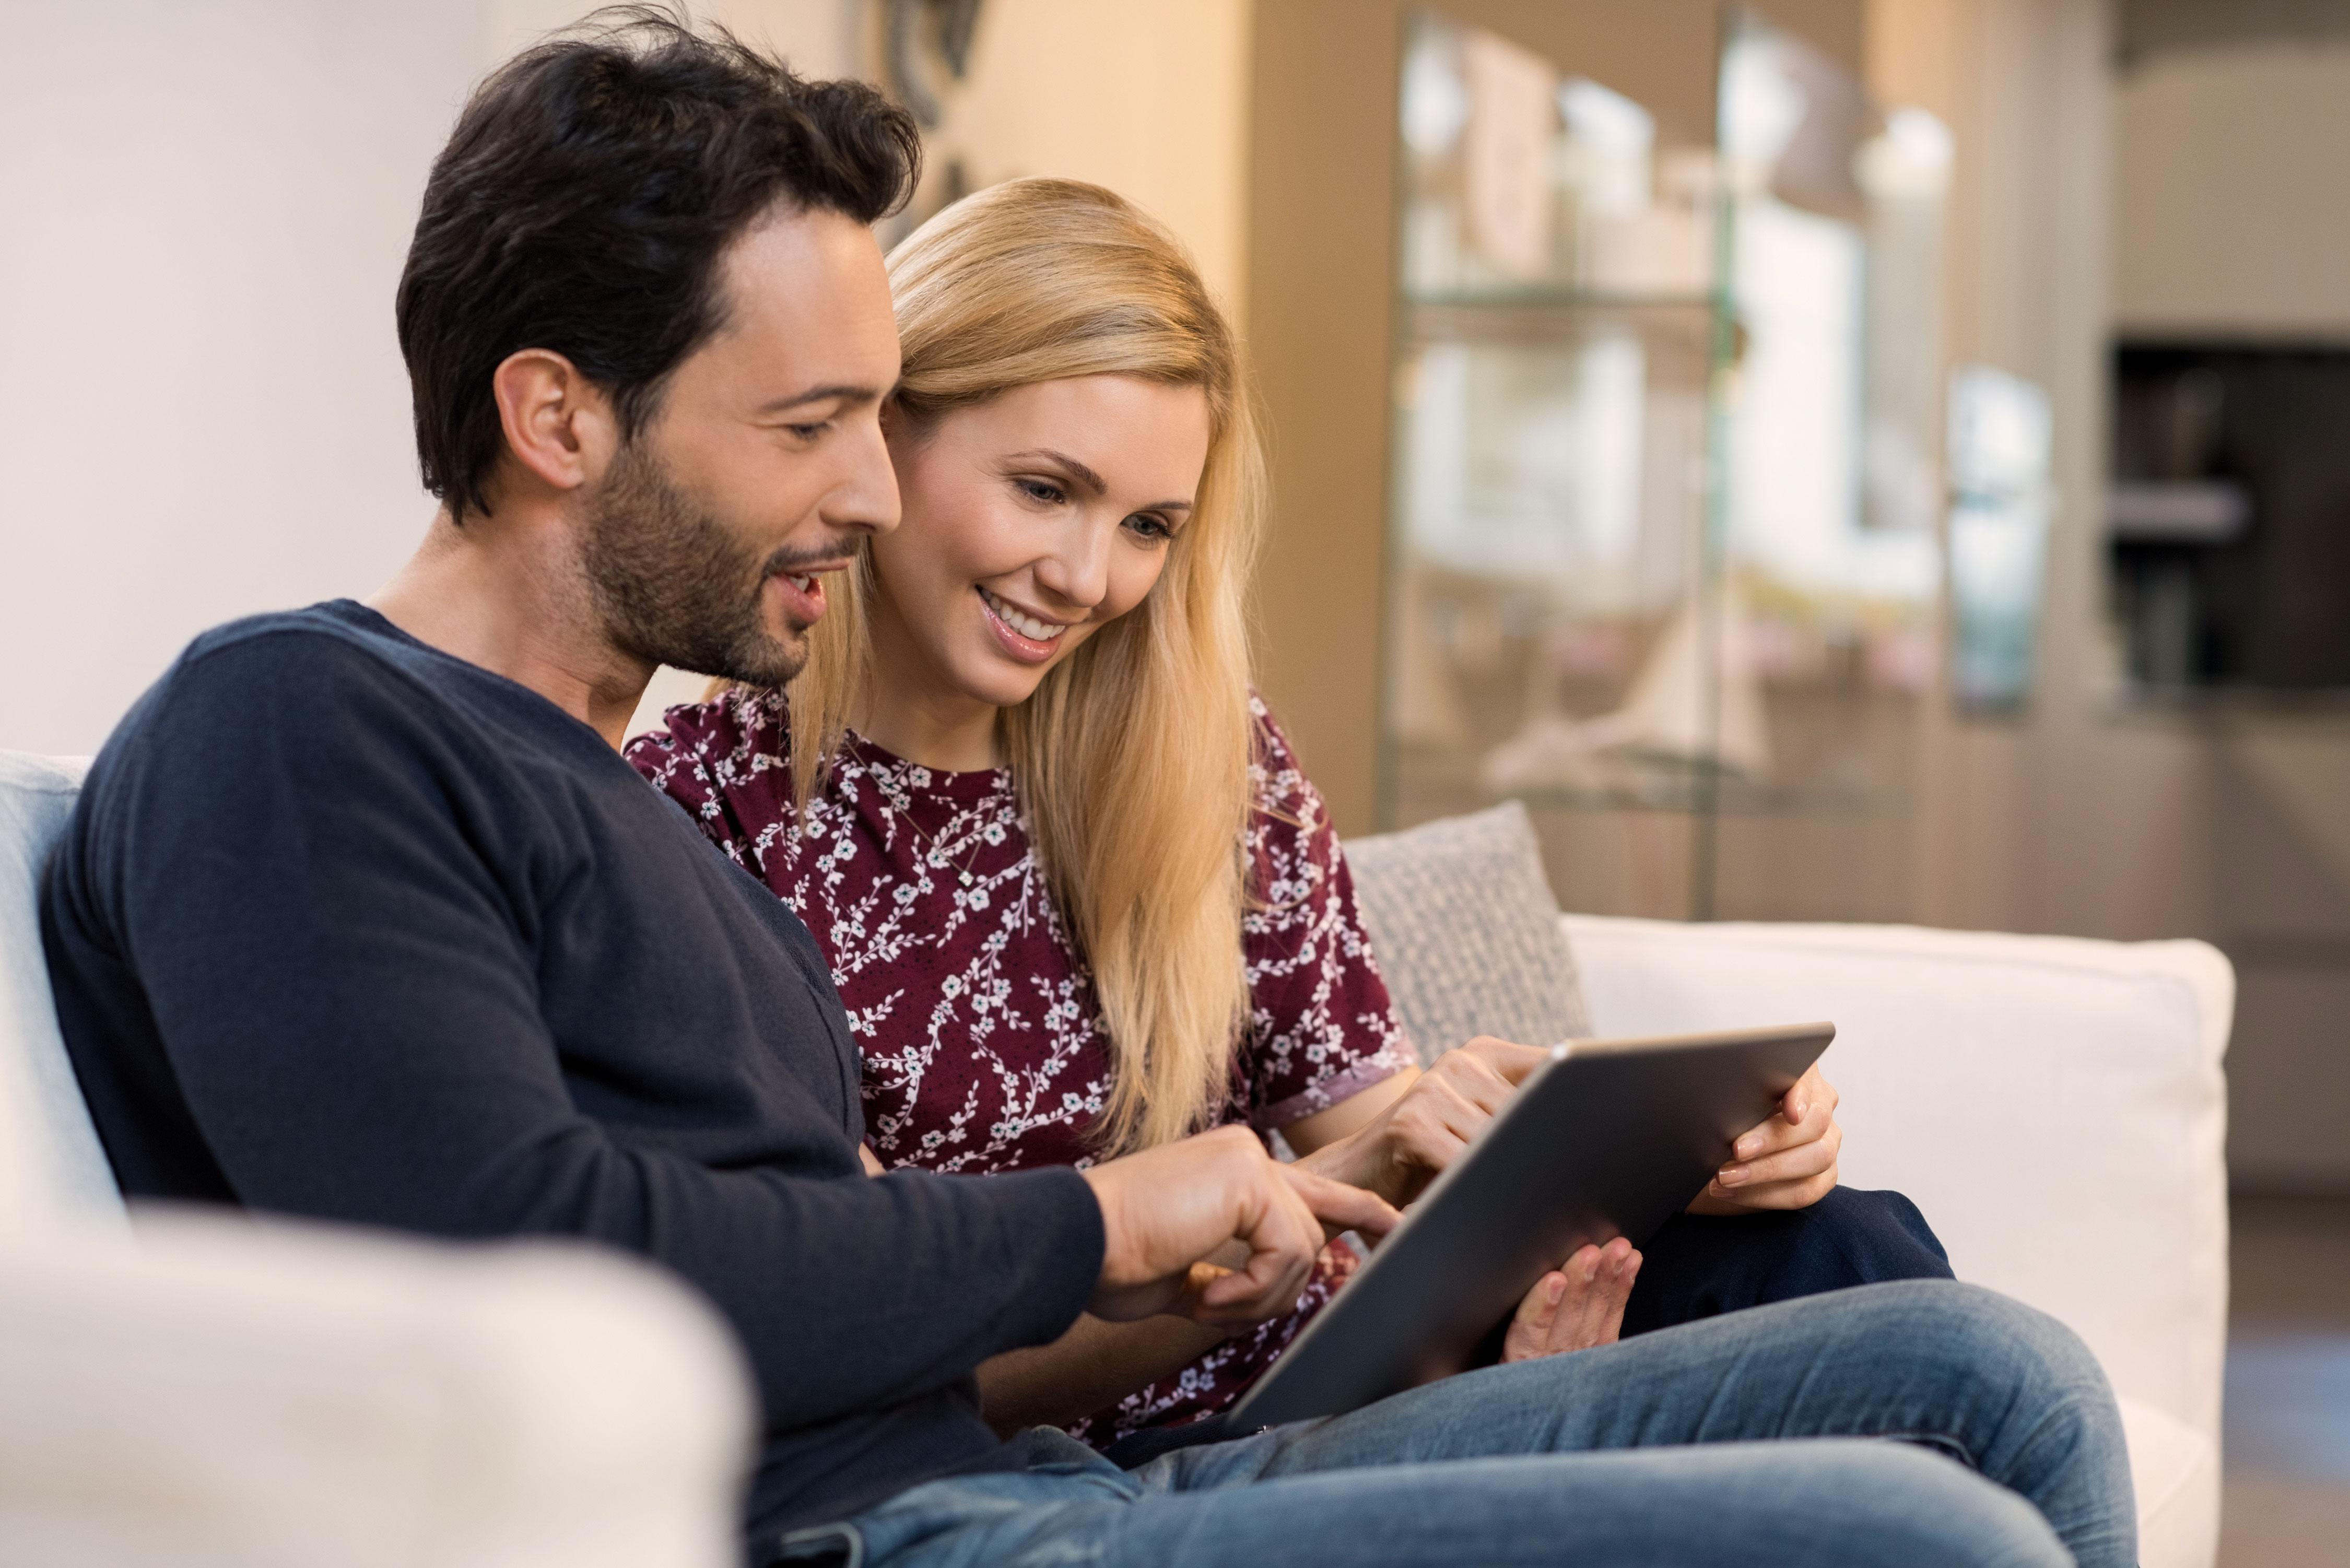 Junges Paar sitzt auf dem Sofa und surft auf dem Tablet